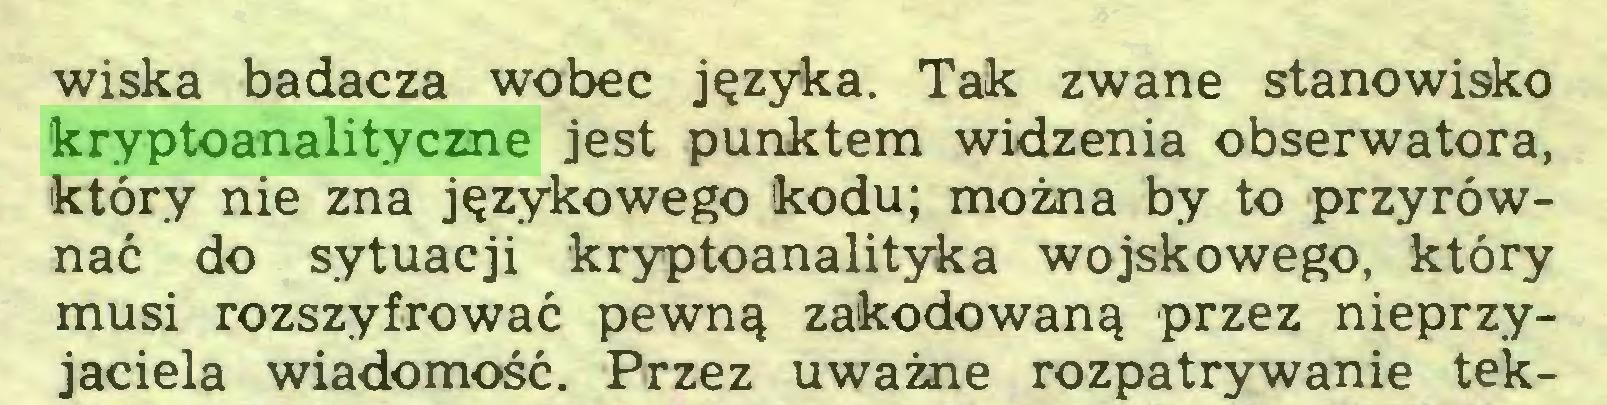 (...) wiska badacza wobec języka. Tak zwane stanowisko kryptoanalityczne jest punktem widzenia obserwatora, który nie zna językowego kodu; można by to przyrównać do sytuacji kryptoanalityka wojskowego, który musi rozszyfrować pewną zakodowaną przez nieprzyjaciela wiadomość. Przez uważne rozpatrywanie tek...